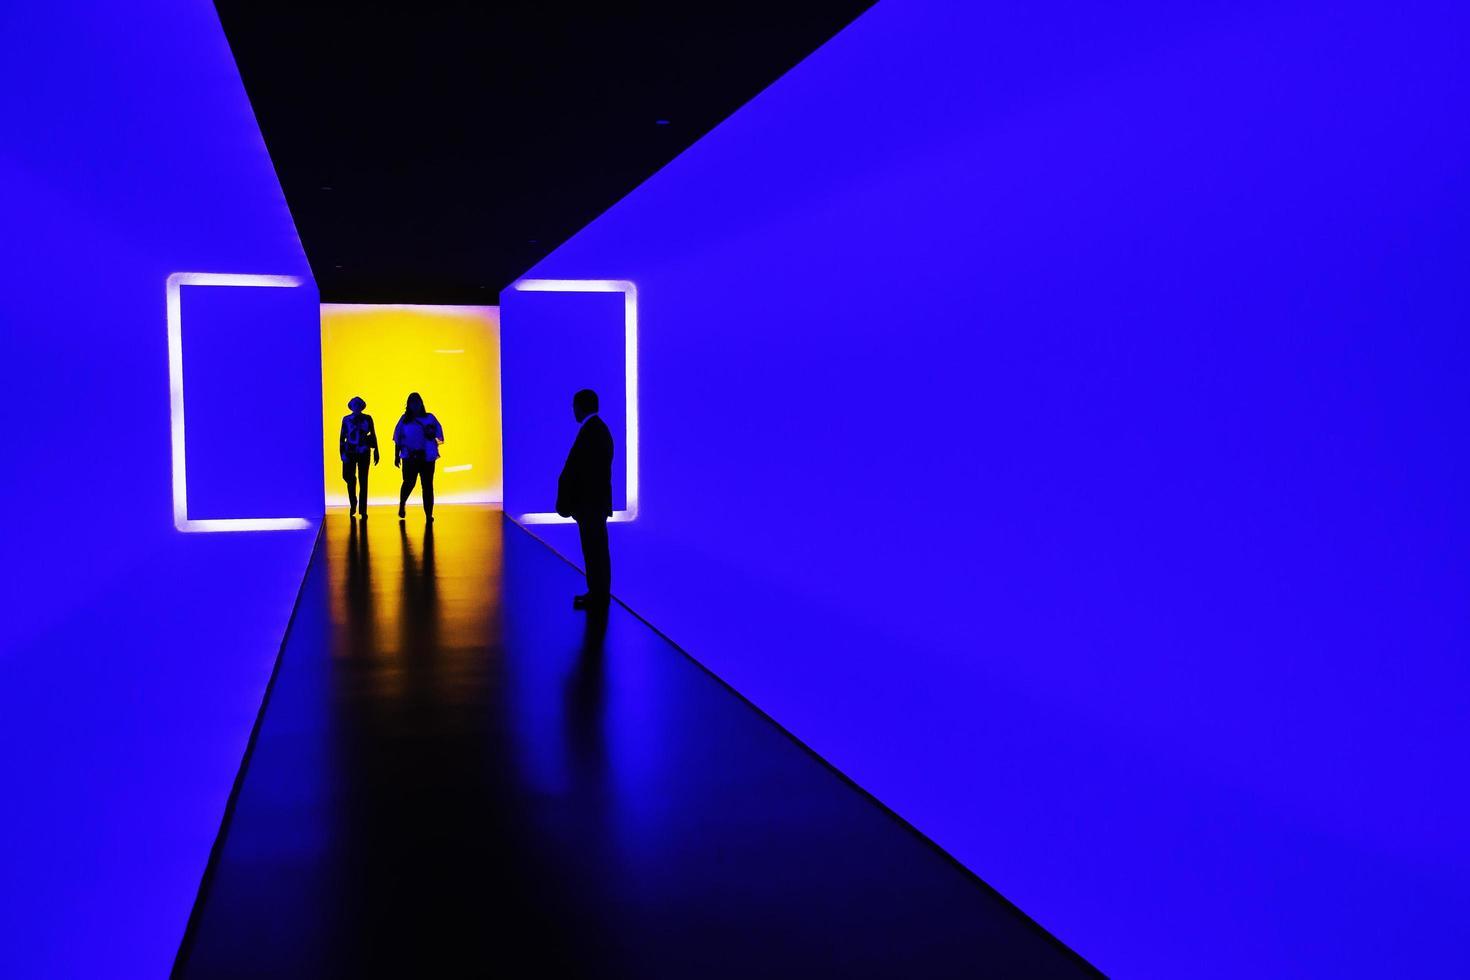 Houston, Texas, 2020 - mensen bekijken een neonkunstwerk in een museum foto